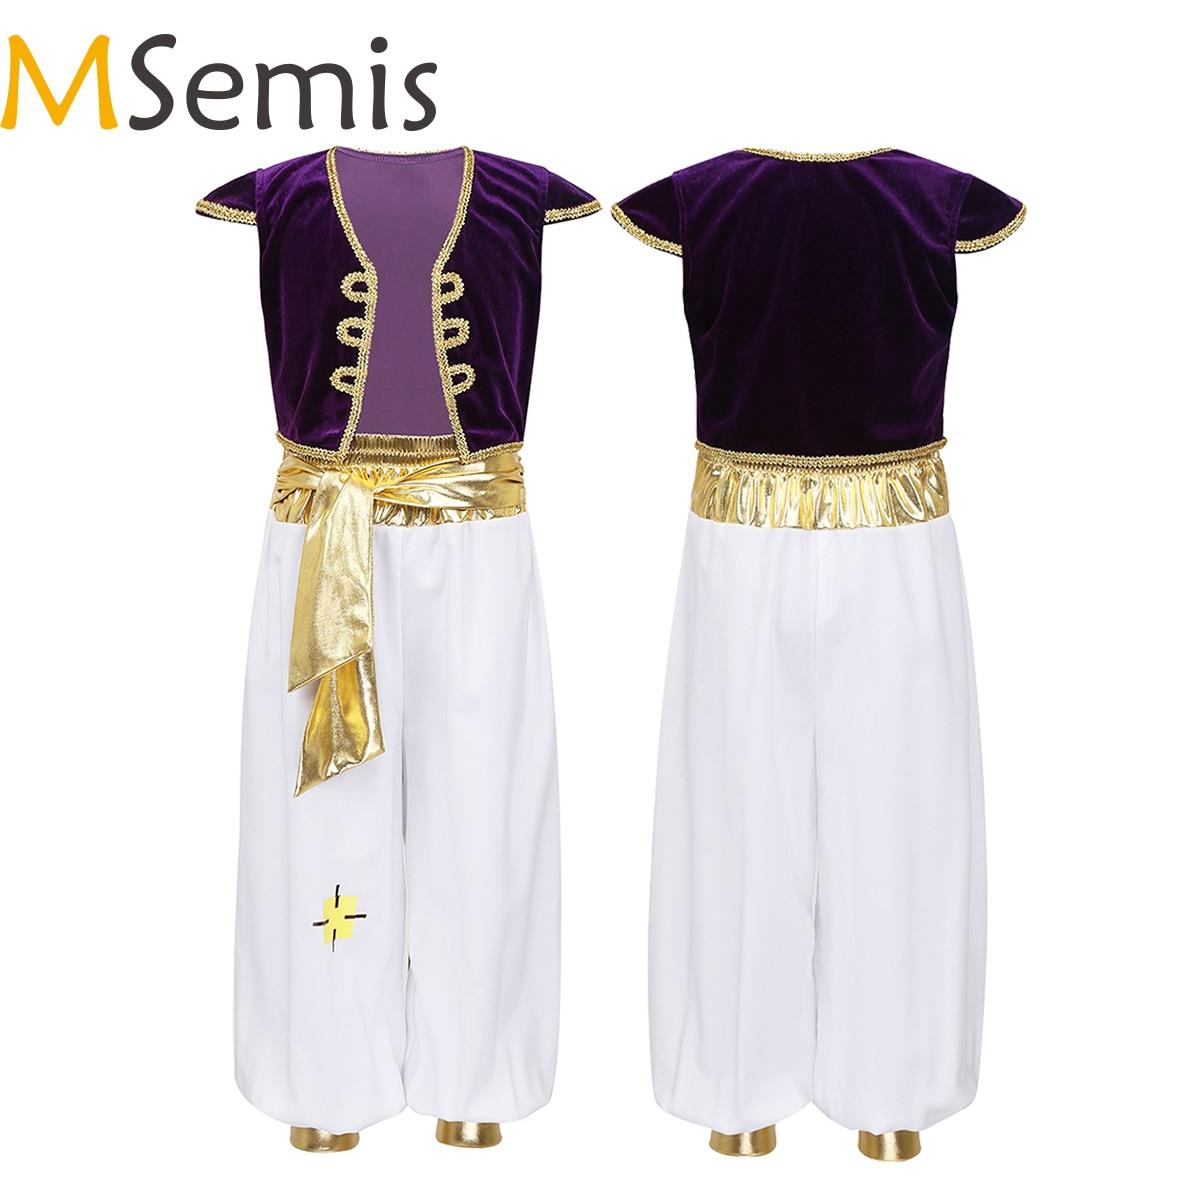 MSemis çocuk Boys fantezi arap prens kostümleri Cap kollu yelek pantolon cadılar bayramı Cosplay peri partileri elbise